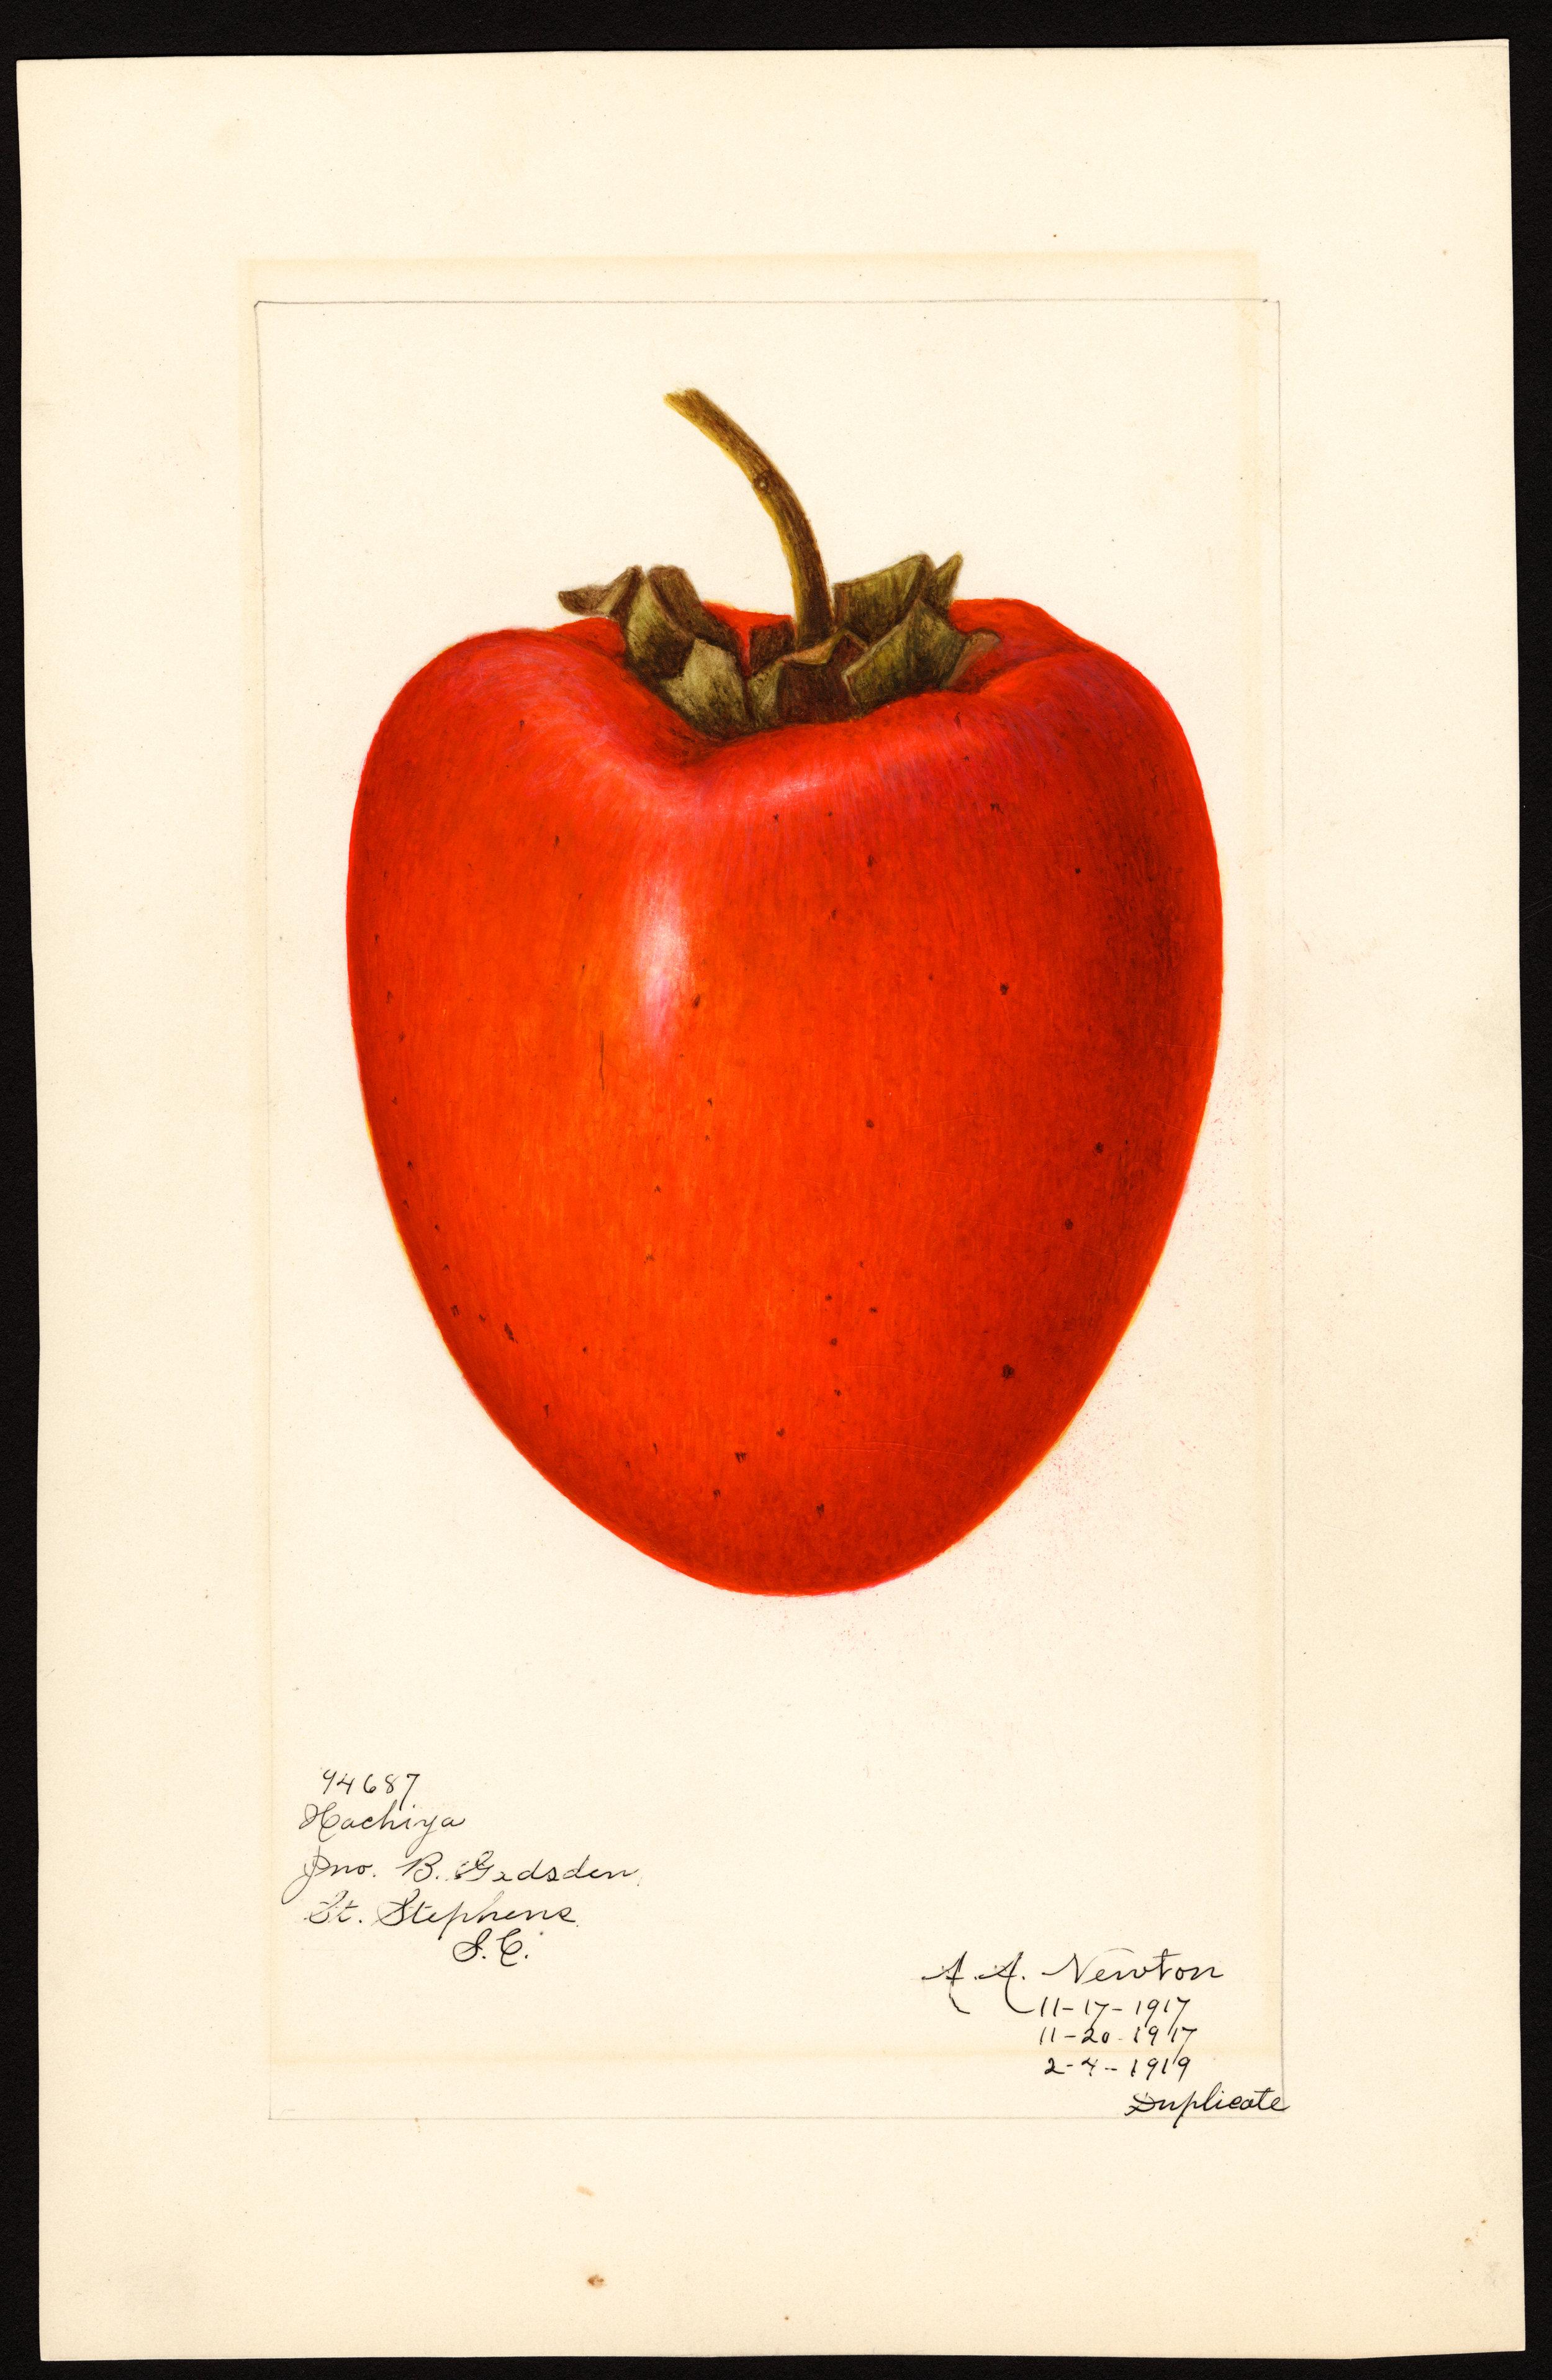 Japanese persimmon (variety Hachiya) - watercolor 1917 drawn by Amanda A. Newton (USDA)